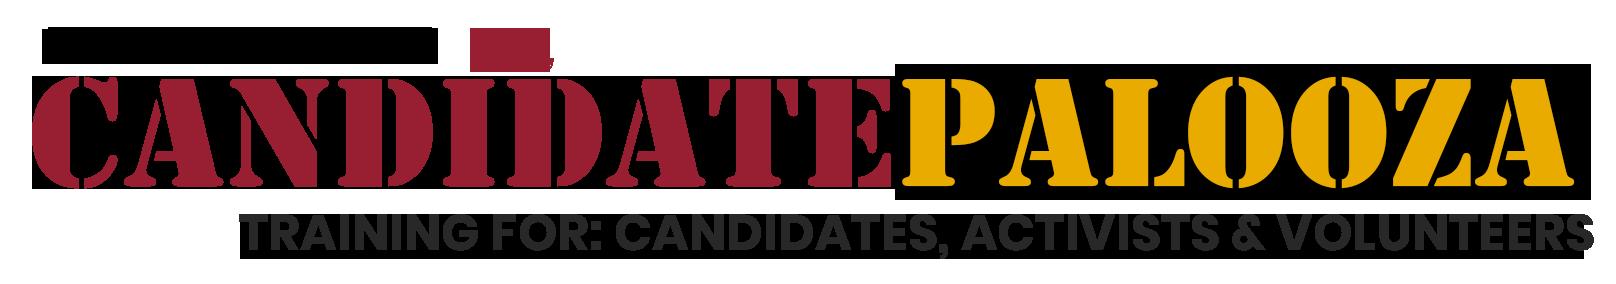 logo for CANDIDATEPALOOZA 2021